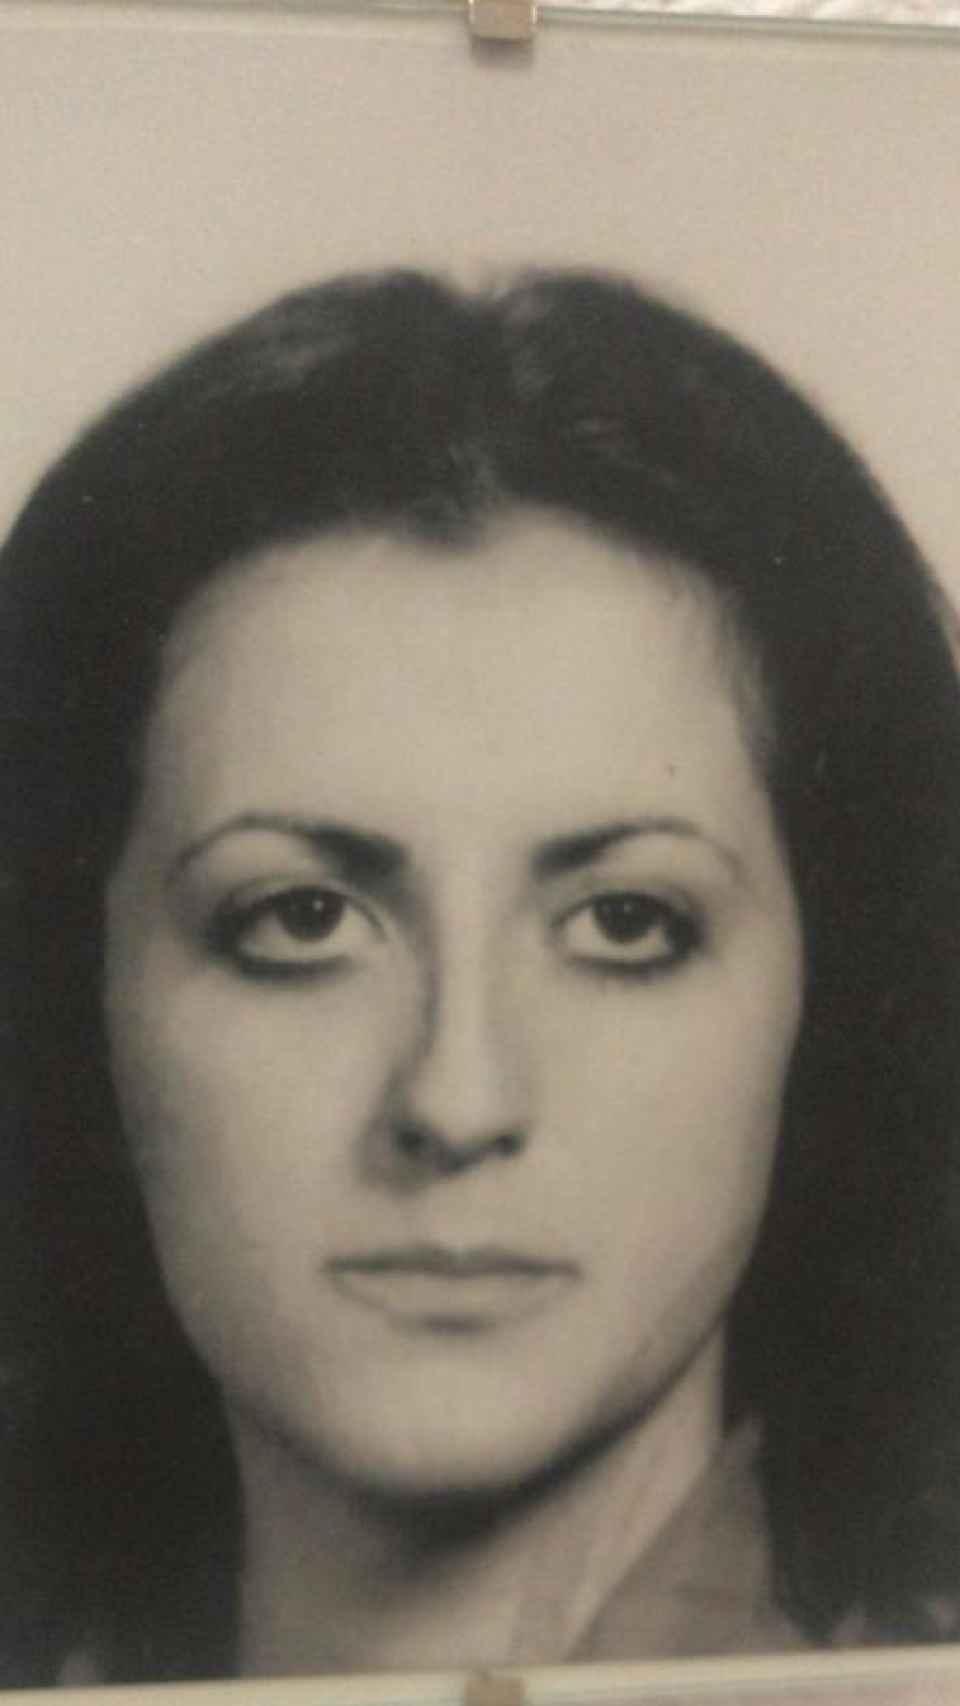 María José entró en la Policía Nacional en la primera promoción que aceptaban mujeres.